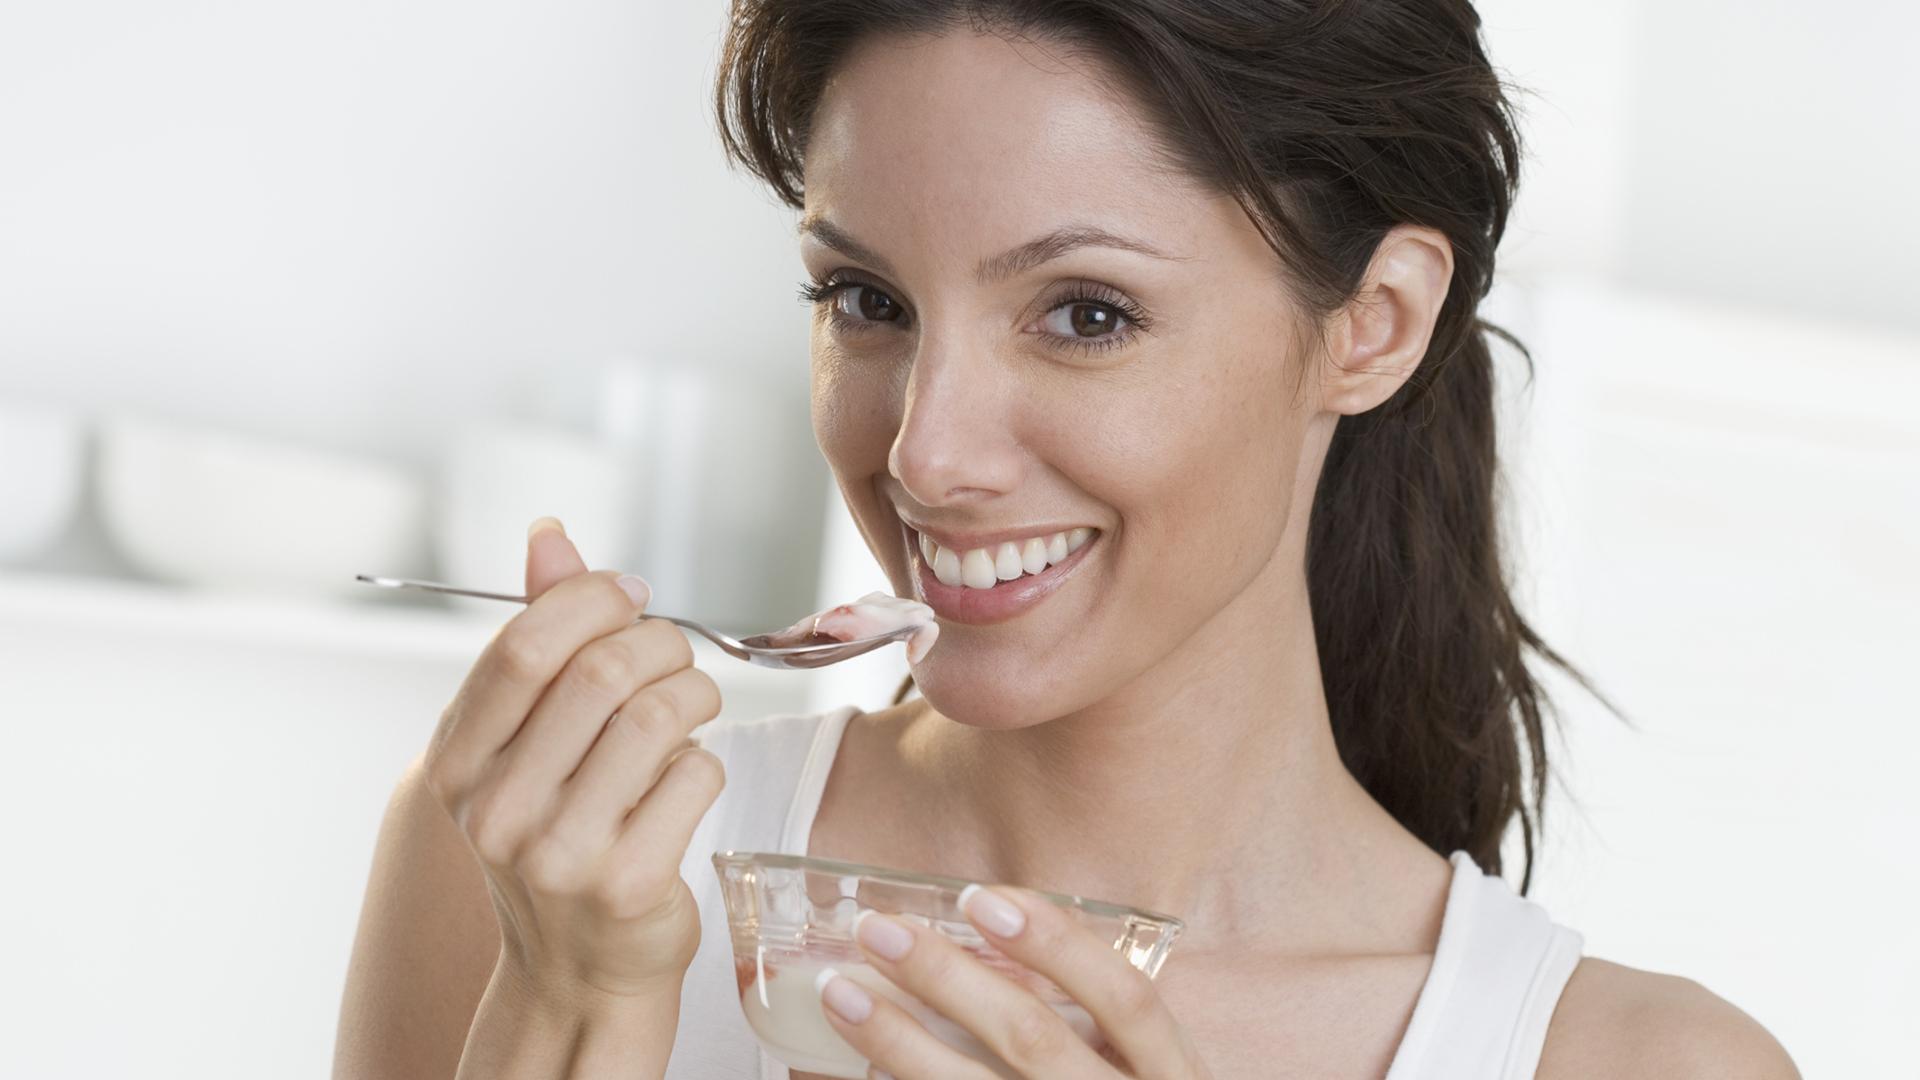 Woman eating yogurt | SheKnows.com